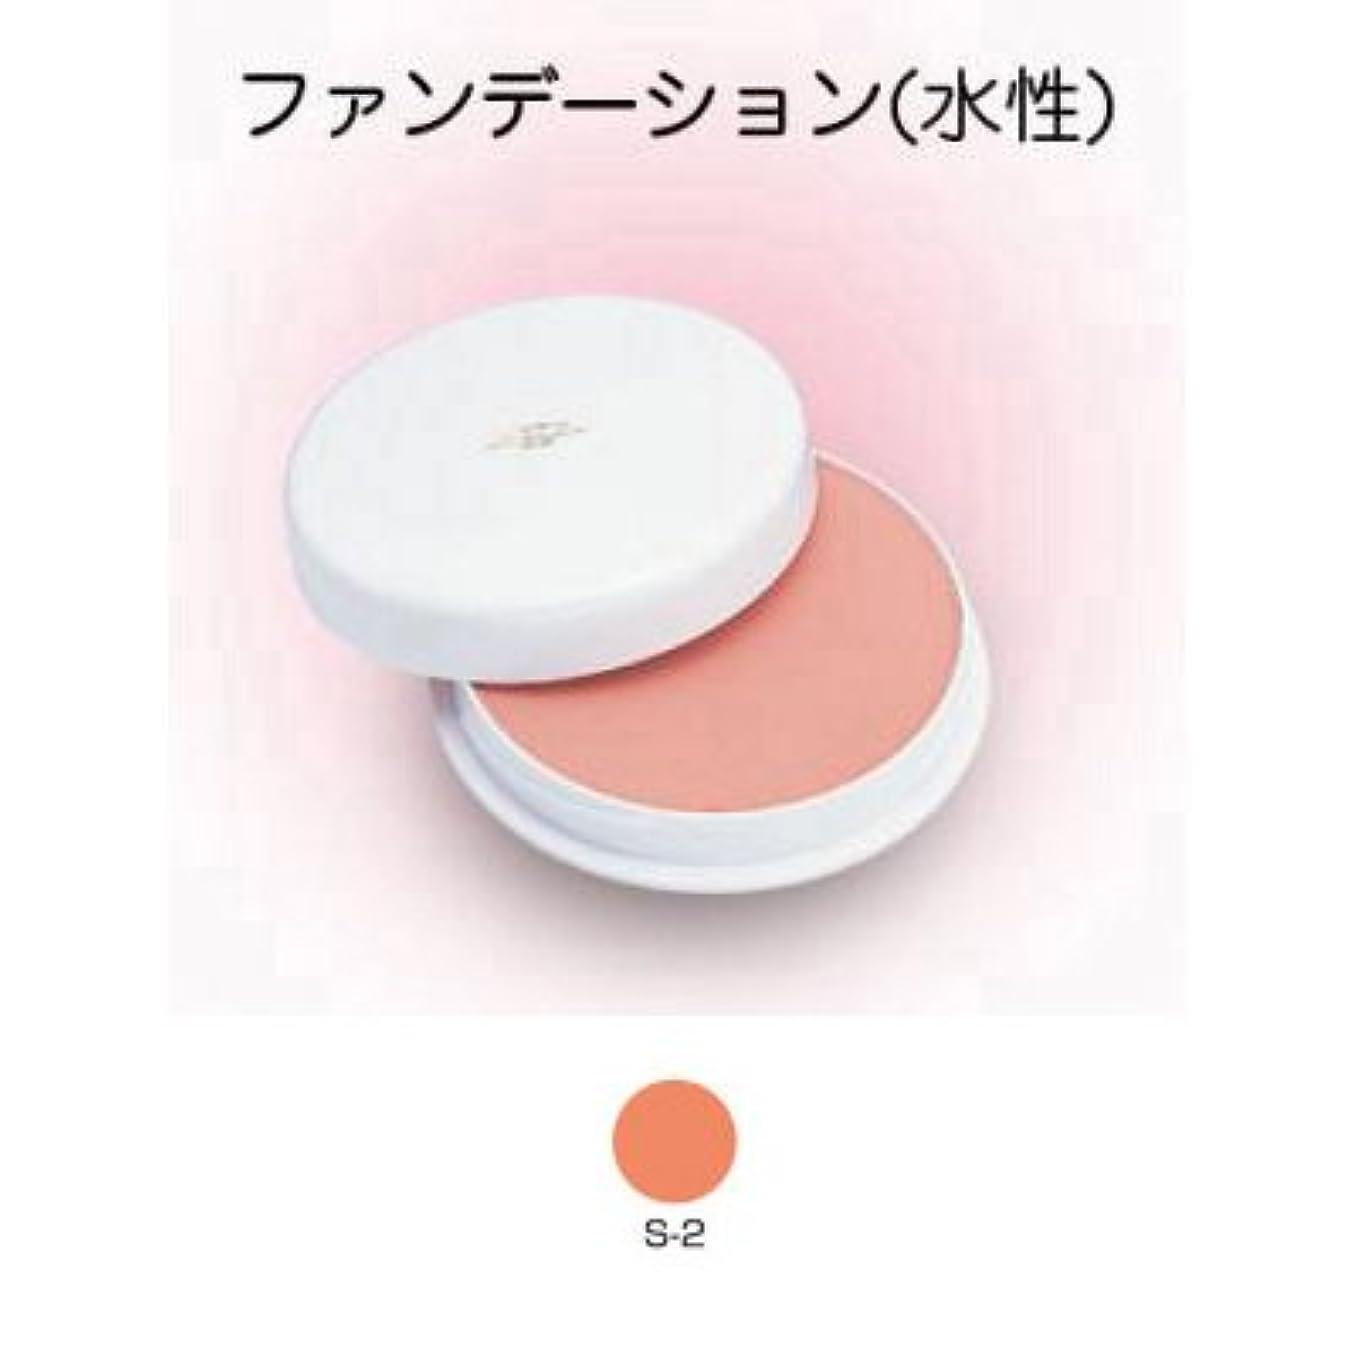 拡大する道徳のトンフェースケーキ 60g S-2 【三善】